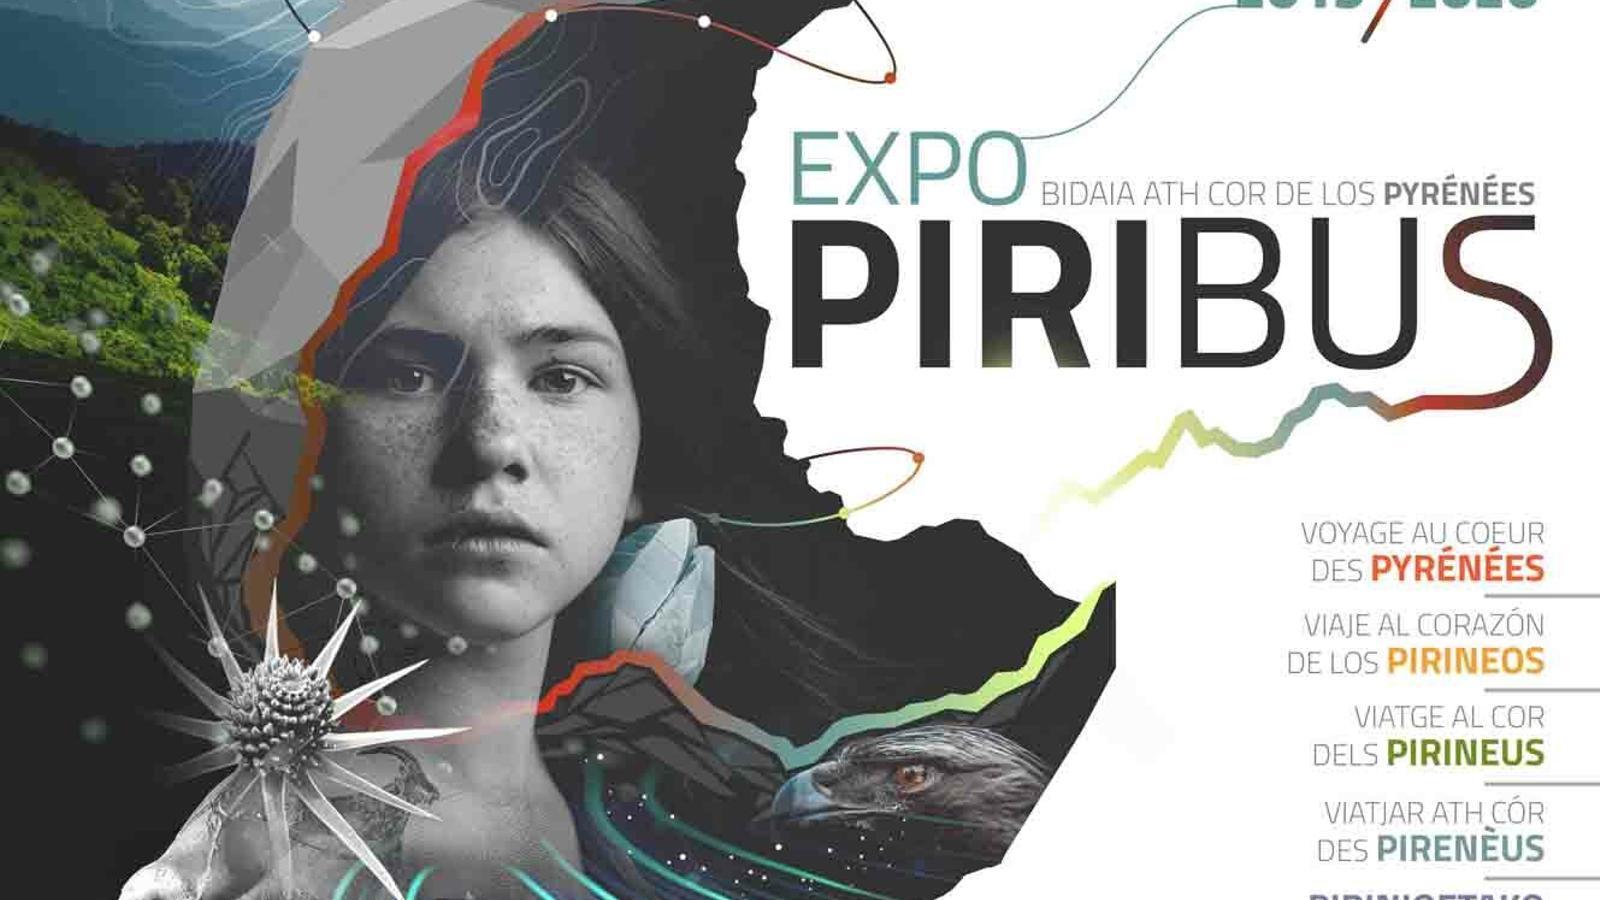 El cartell de l'exposició itinerant del Piribus. / CENMA